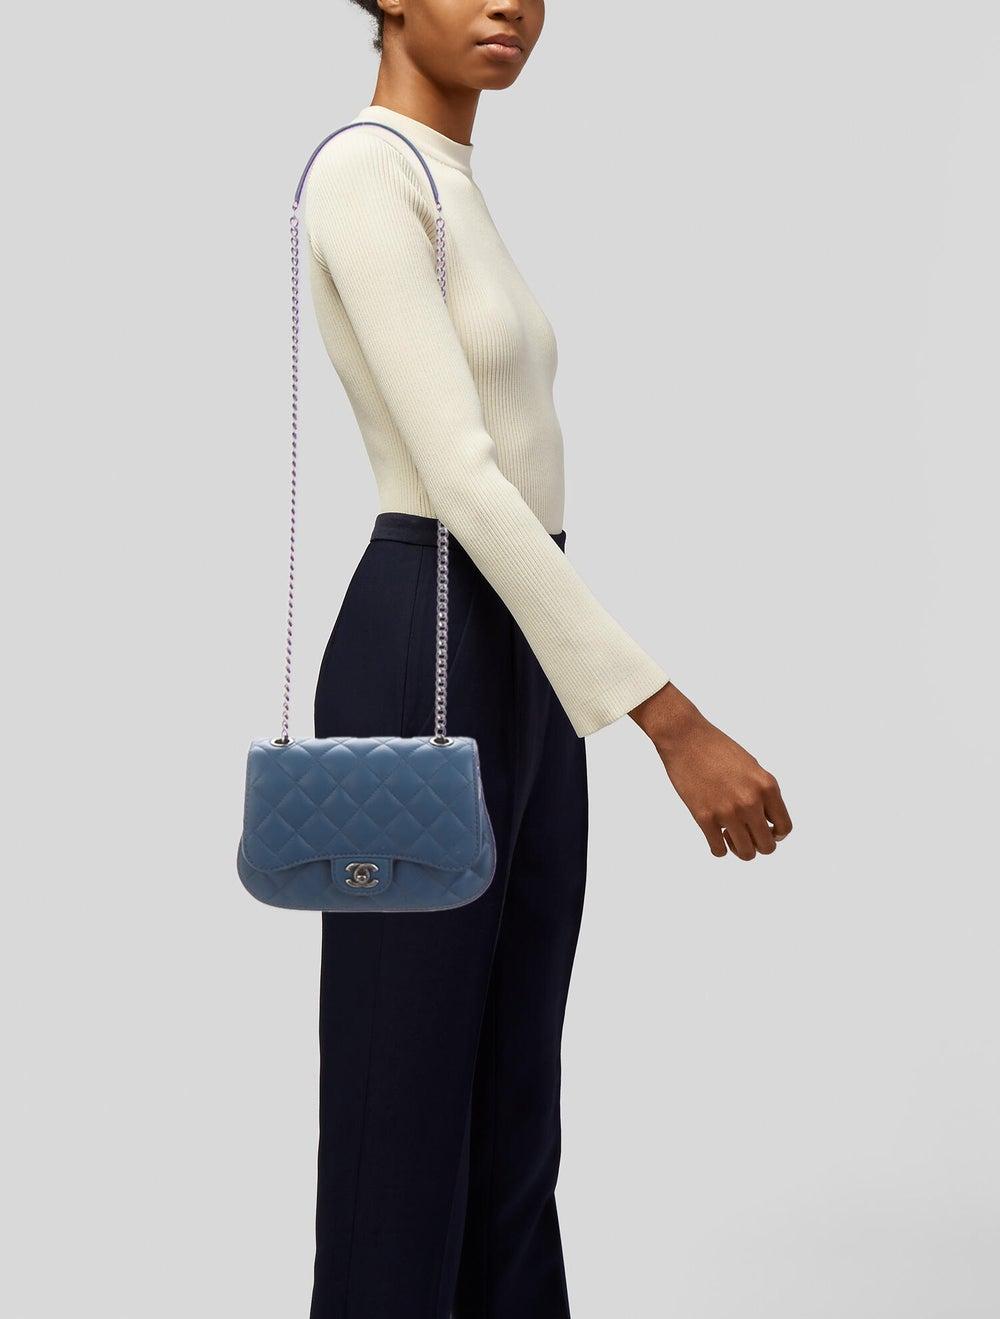 Chanel Flap Messenger Bag Blue - image 2